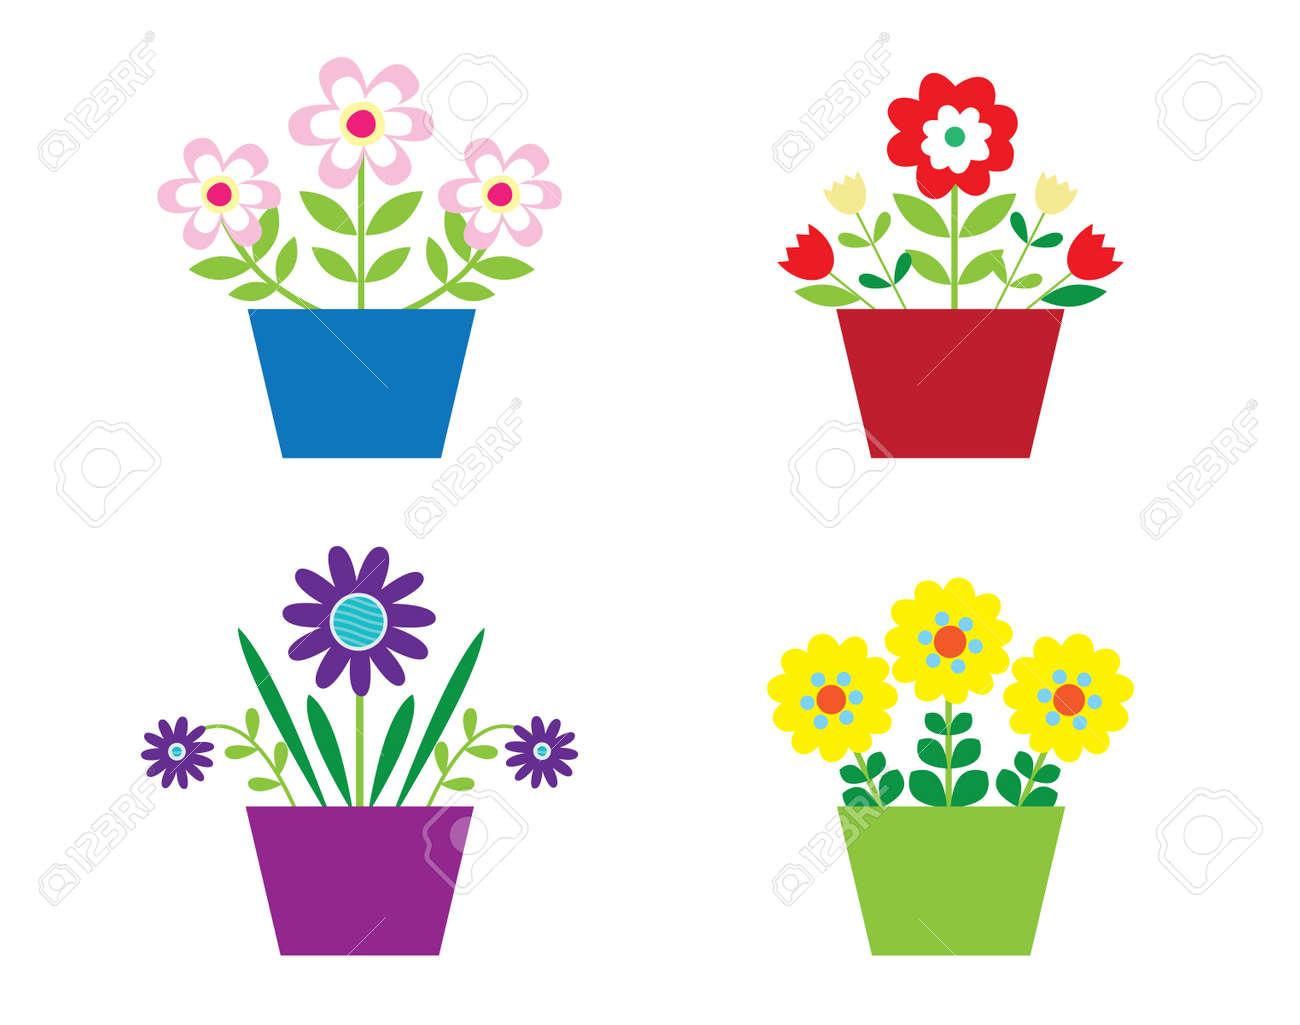 Flowers in Pots Stock Vector - 5820283